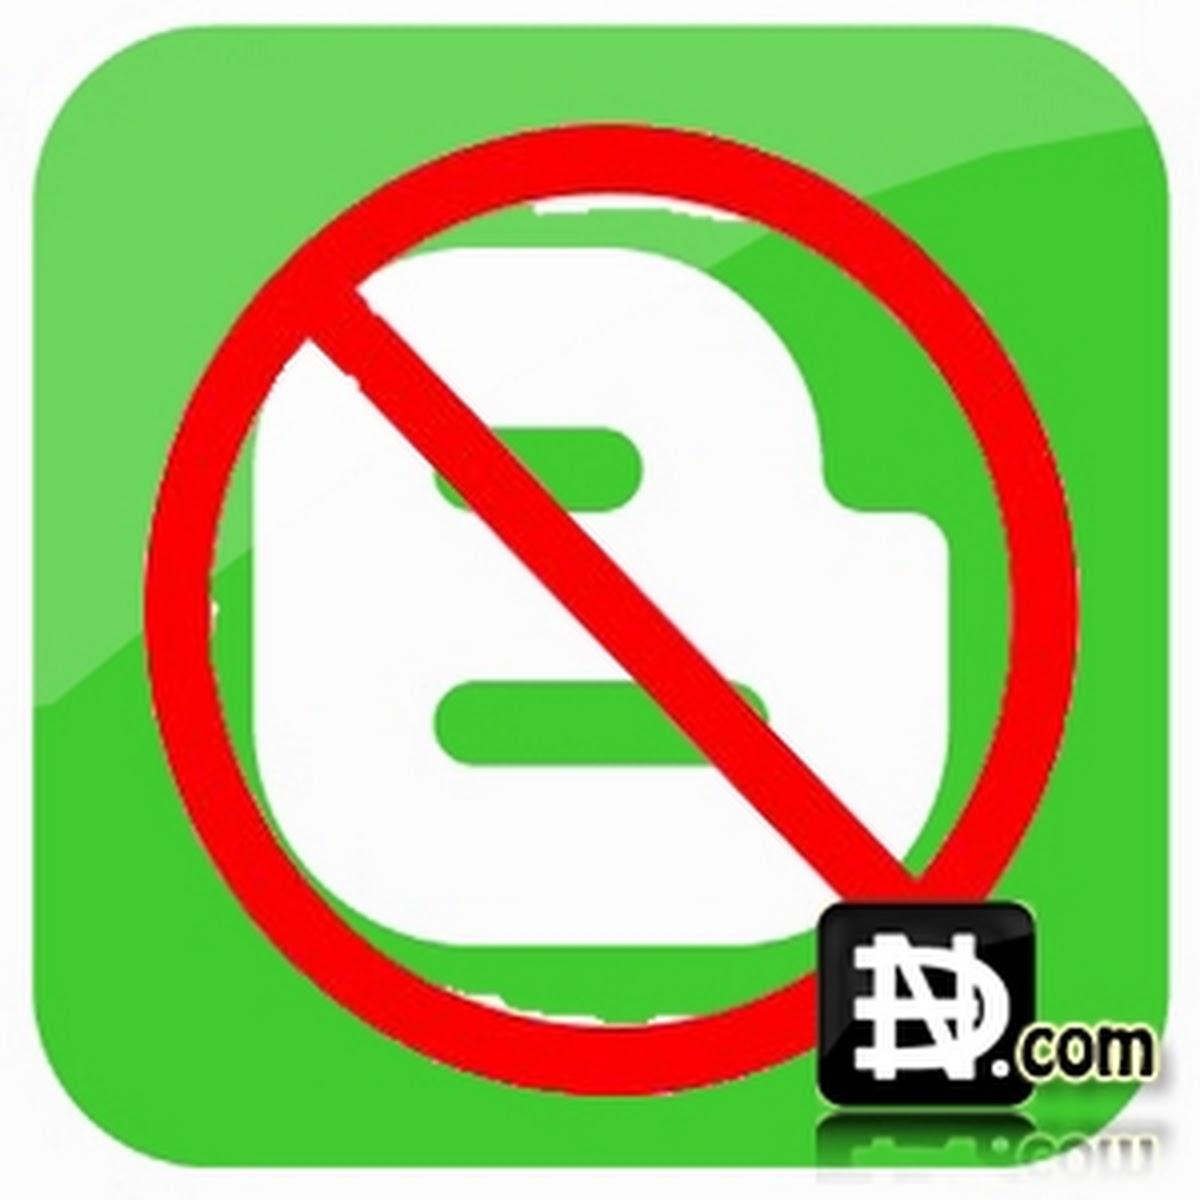 Cách bỏ chặn Blogspot (Blogger) của VNPT tháng 6-2012